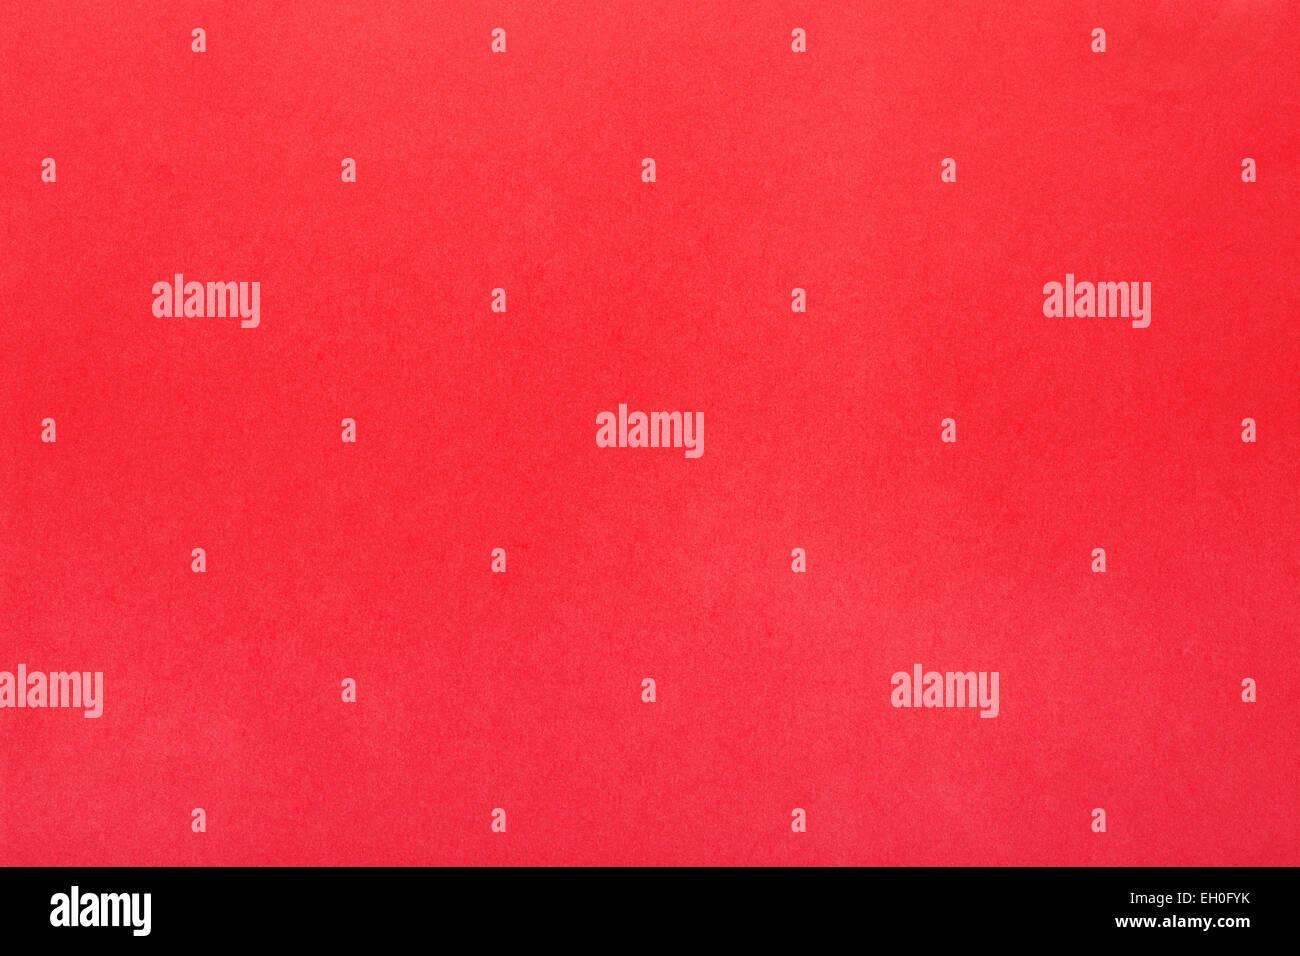 Fondo rojo, simple Textura del papel Imagen De Stock